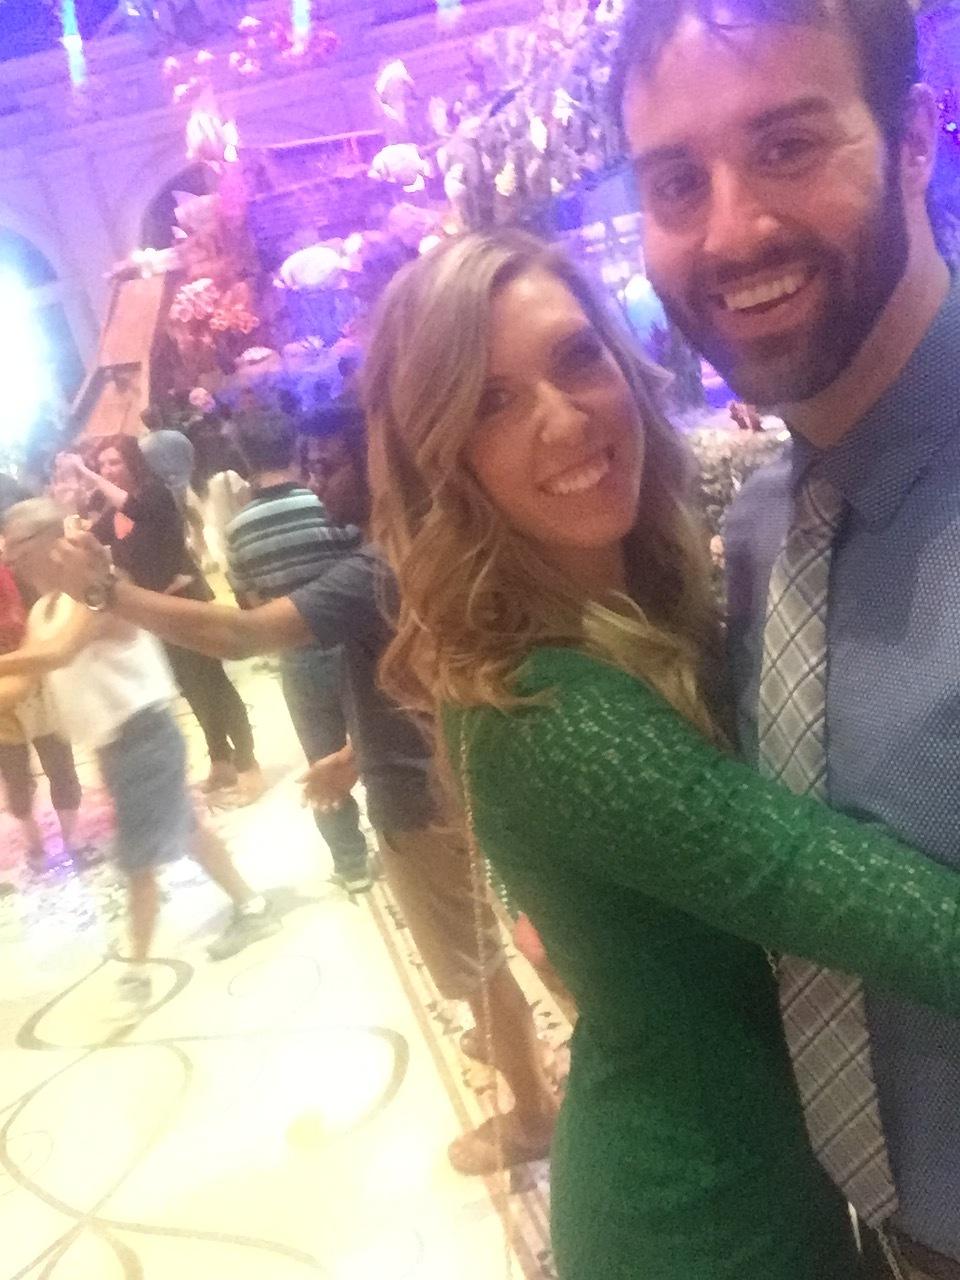 Selfie Stick at the Bellagio Gardens!